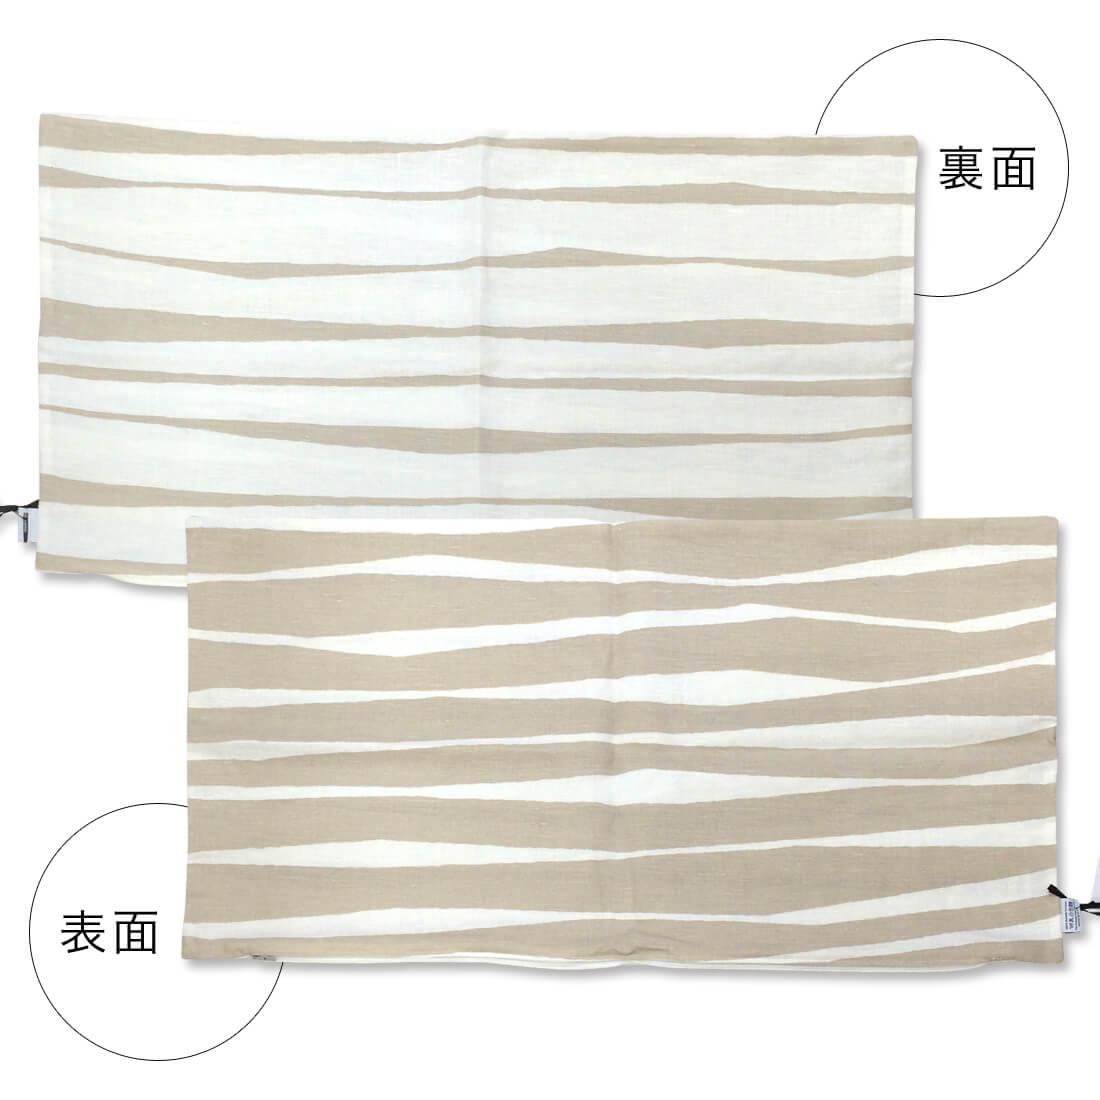 クッションカバー Mambo ベージュ 約40×70cm